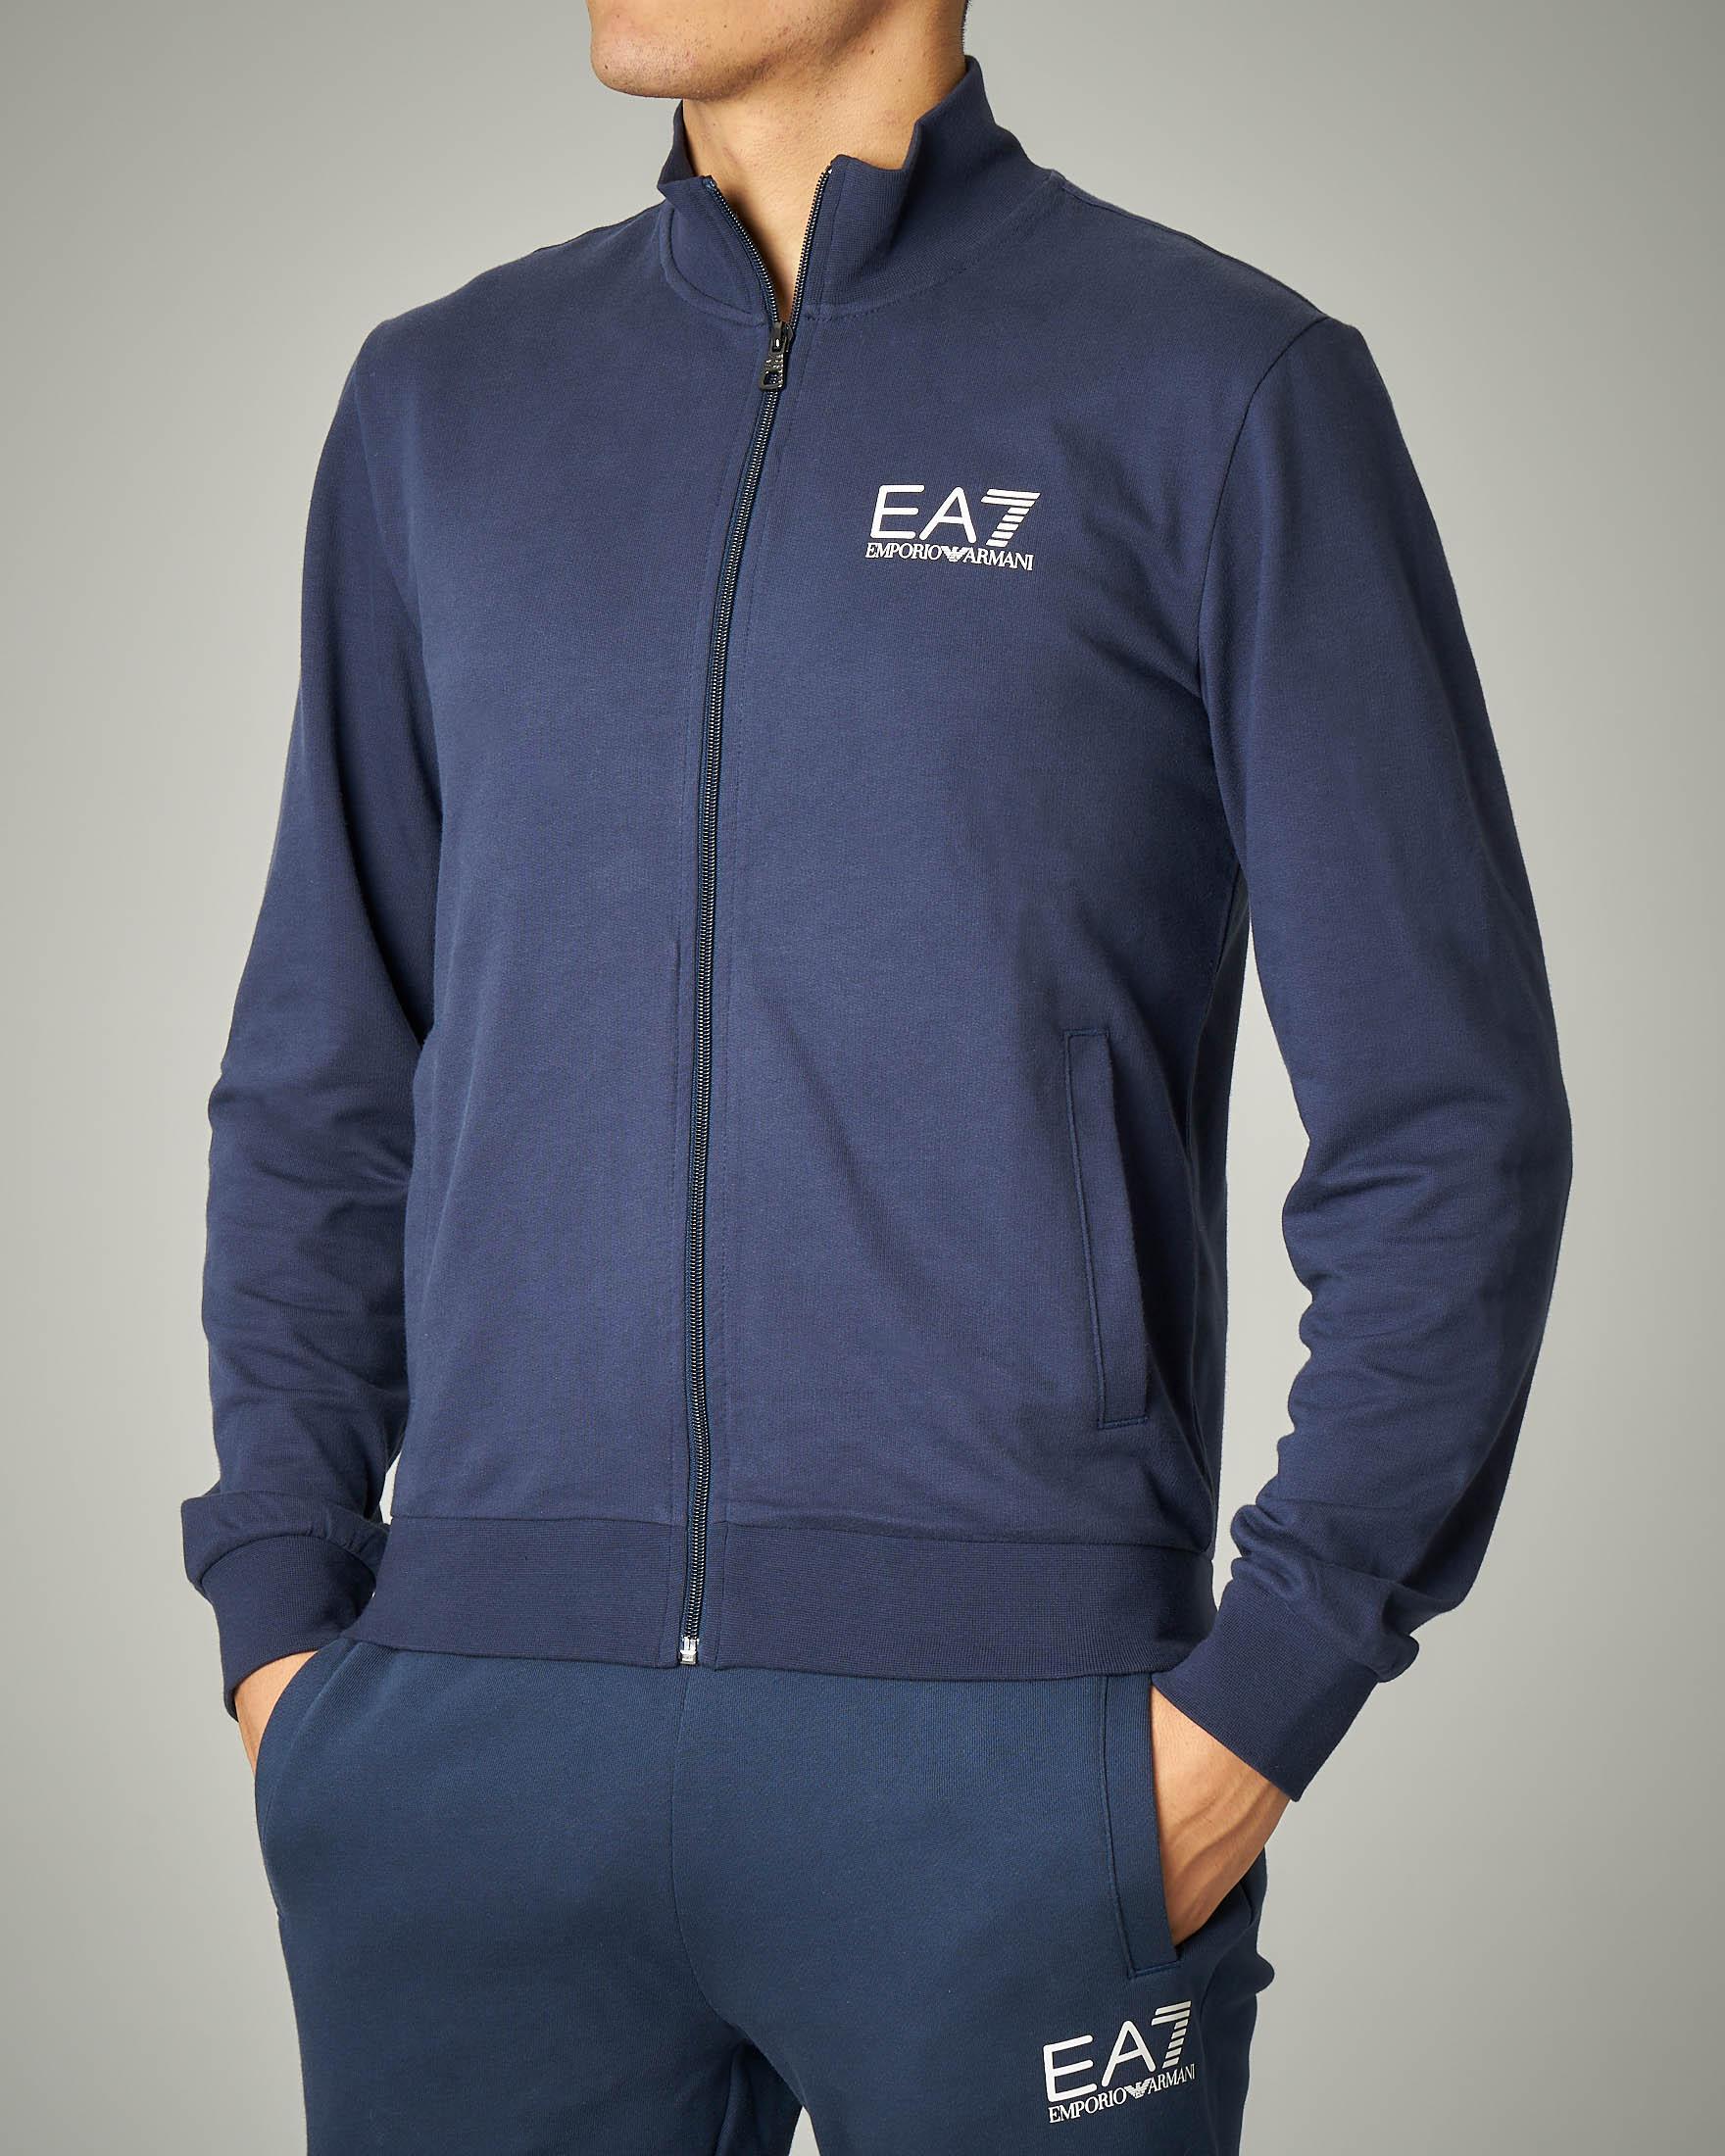 Felpa blu leggera con zip e logo